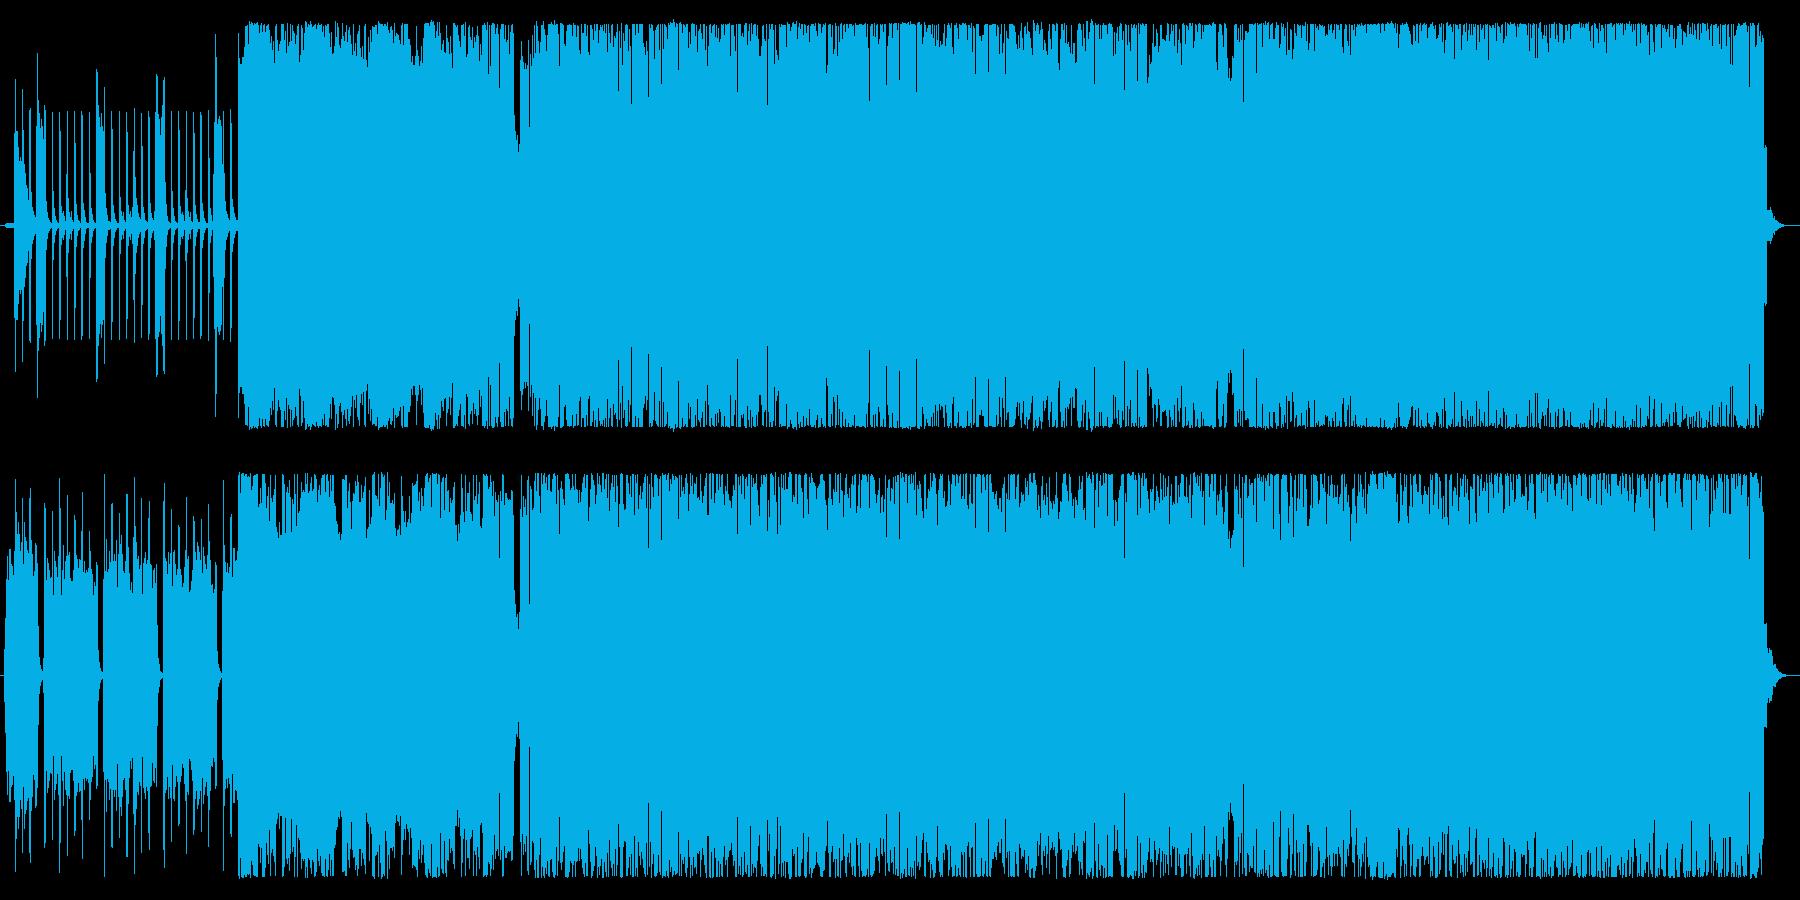 アラビア風ギターロックの再生済みの波形